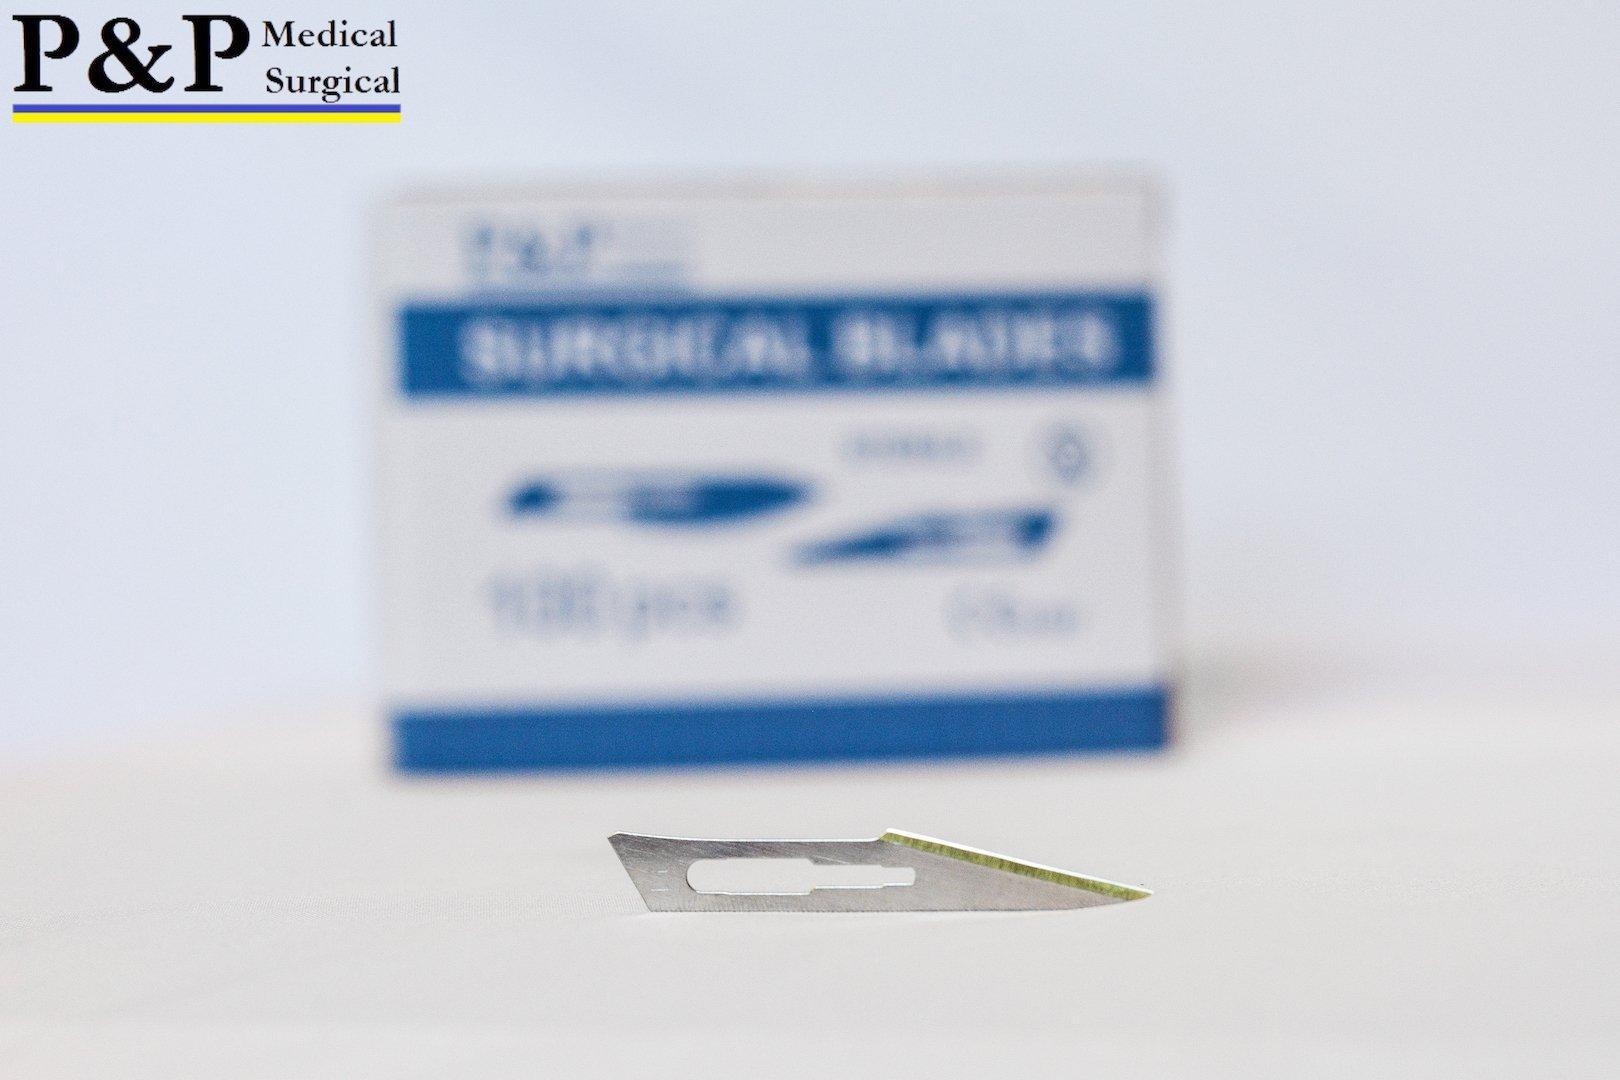 Scalpel blades size 11, set of 20 blades